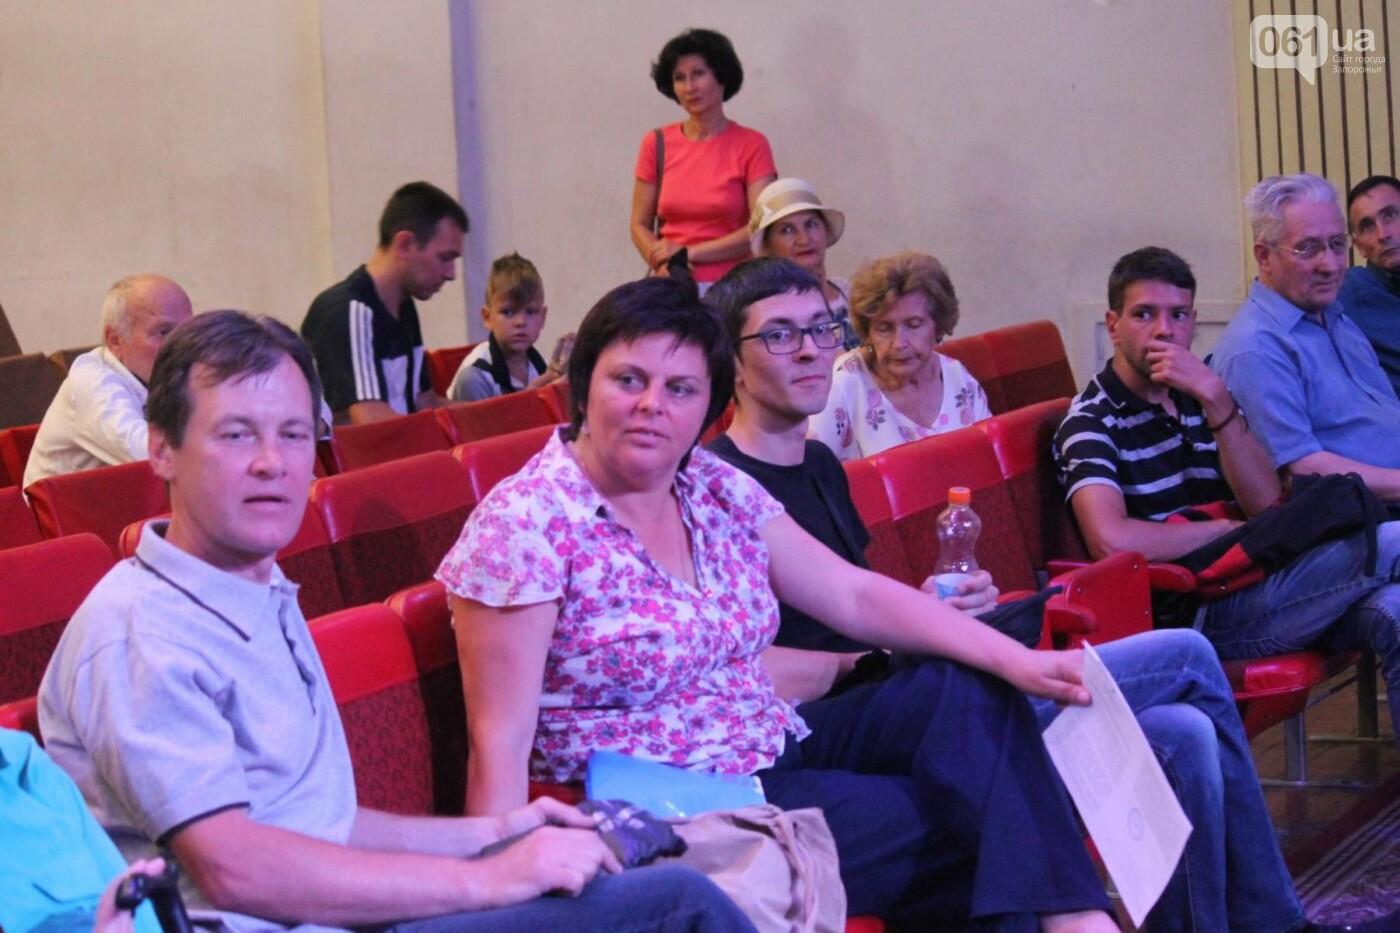 В Запорожье провалили общественные слушания по озеленению города: не пришли даже инициаторы, – ФОТОРЕПОРТАЖ, фото-15